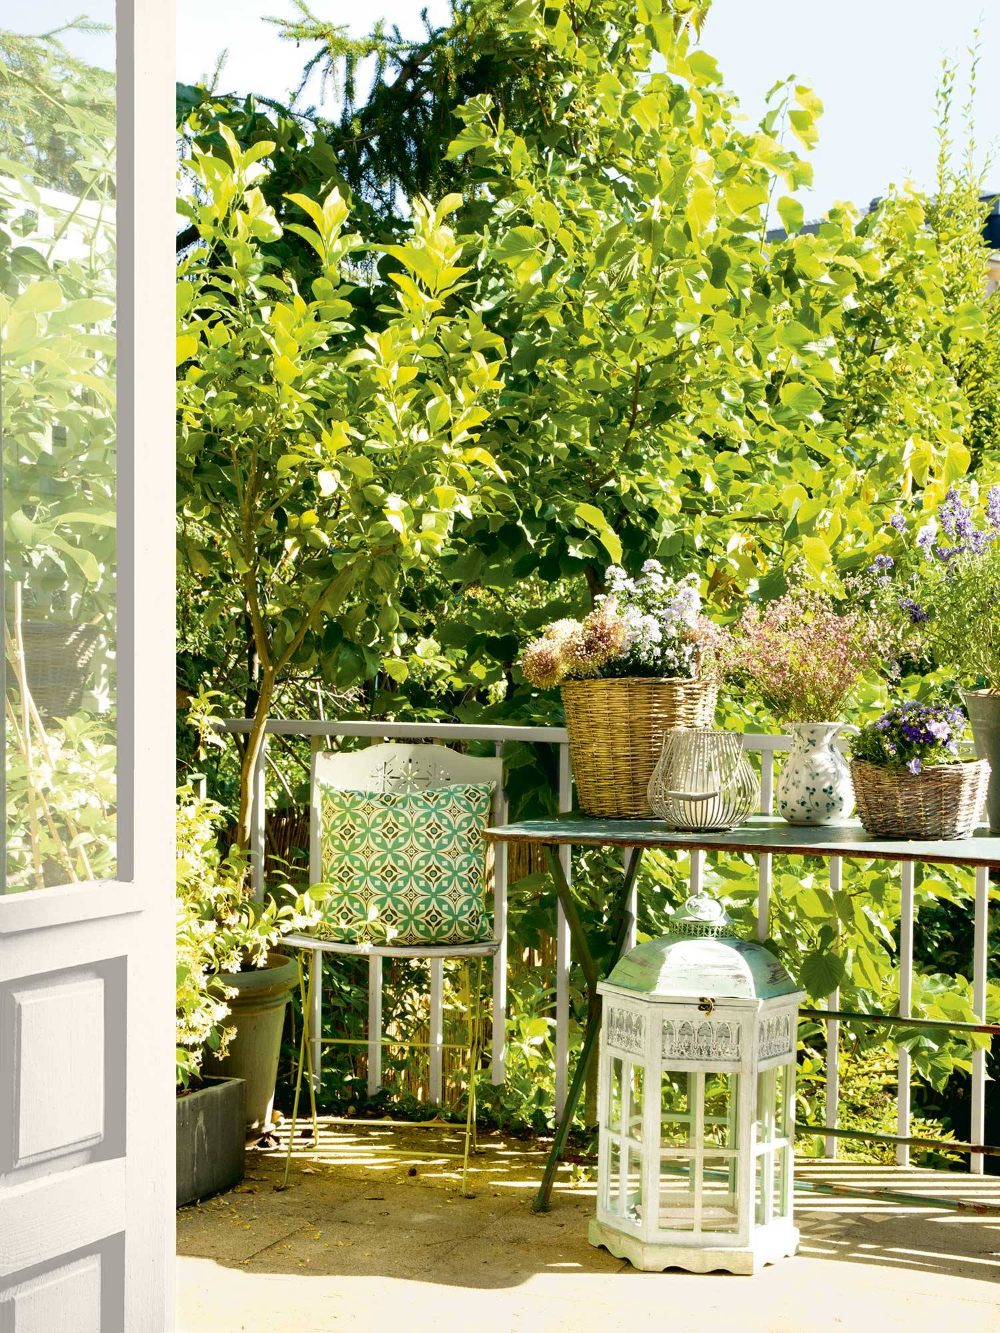 Terraza Con Flores Casas Casa De Fin De Semana Muebles De Exterior